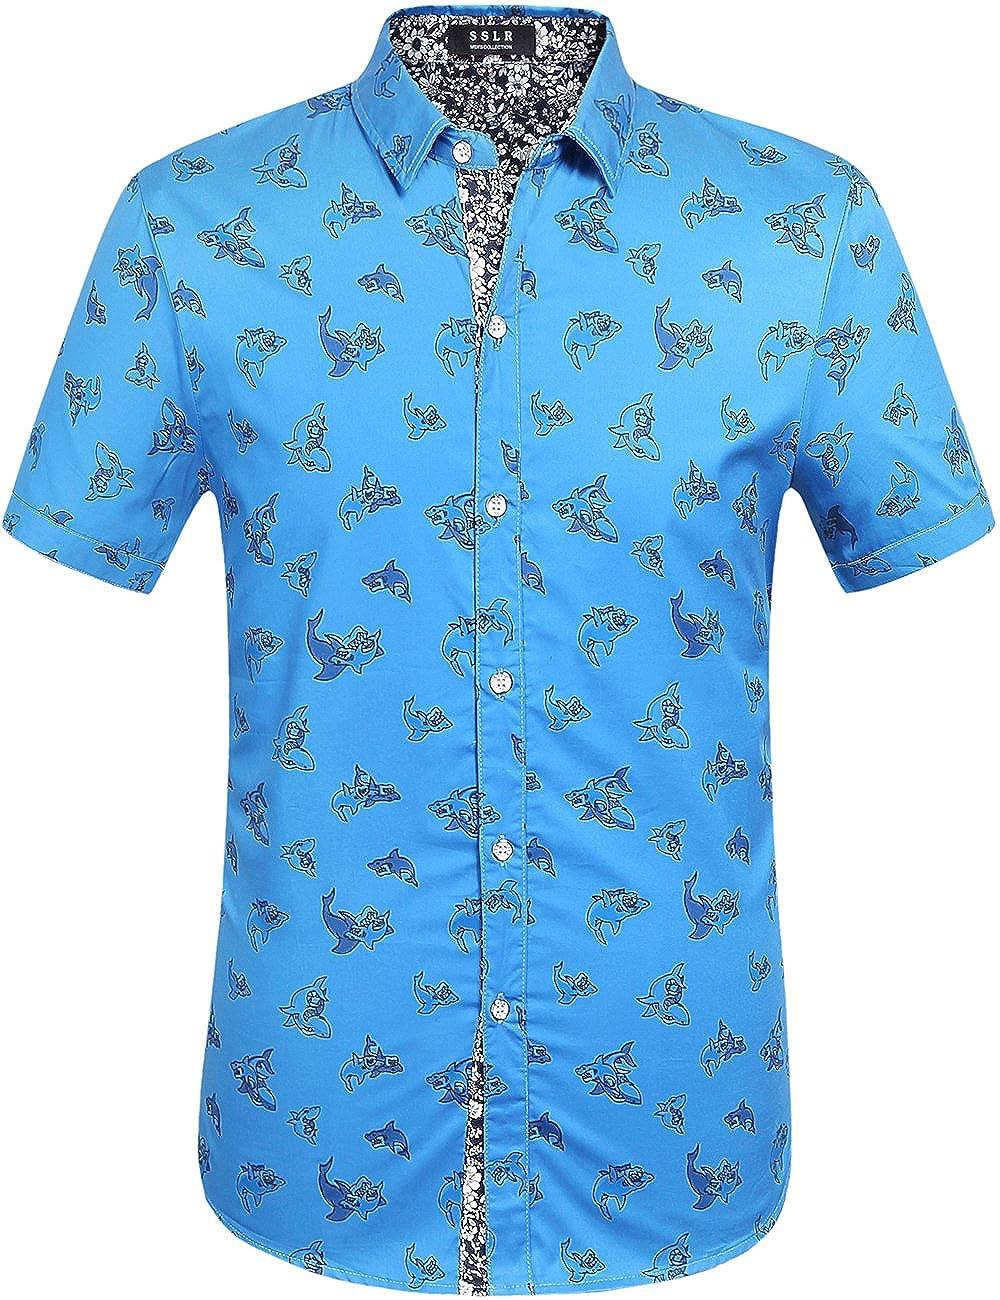 SSLR Camisa con Estampado de Tiburones Manga Corta de Algod/ón de Verano para Hombre